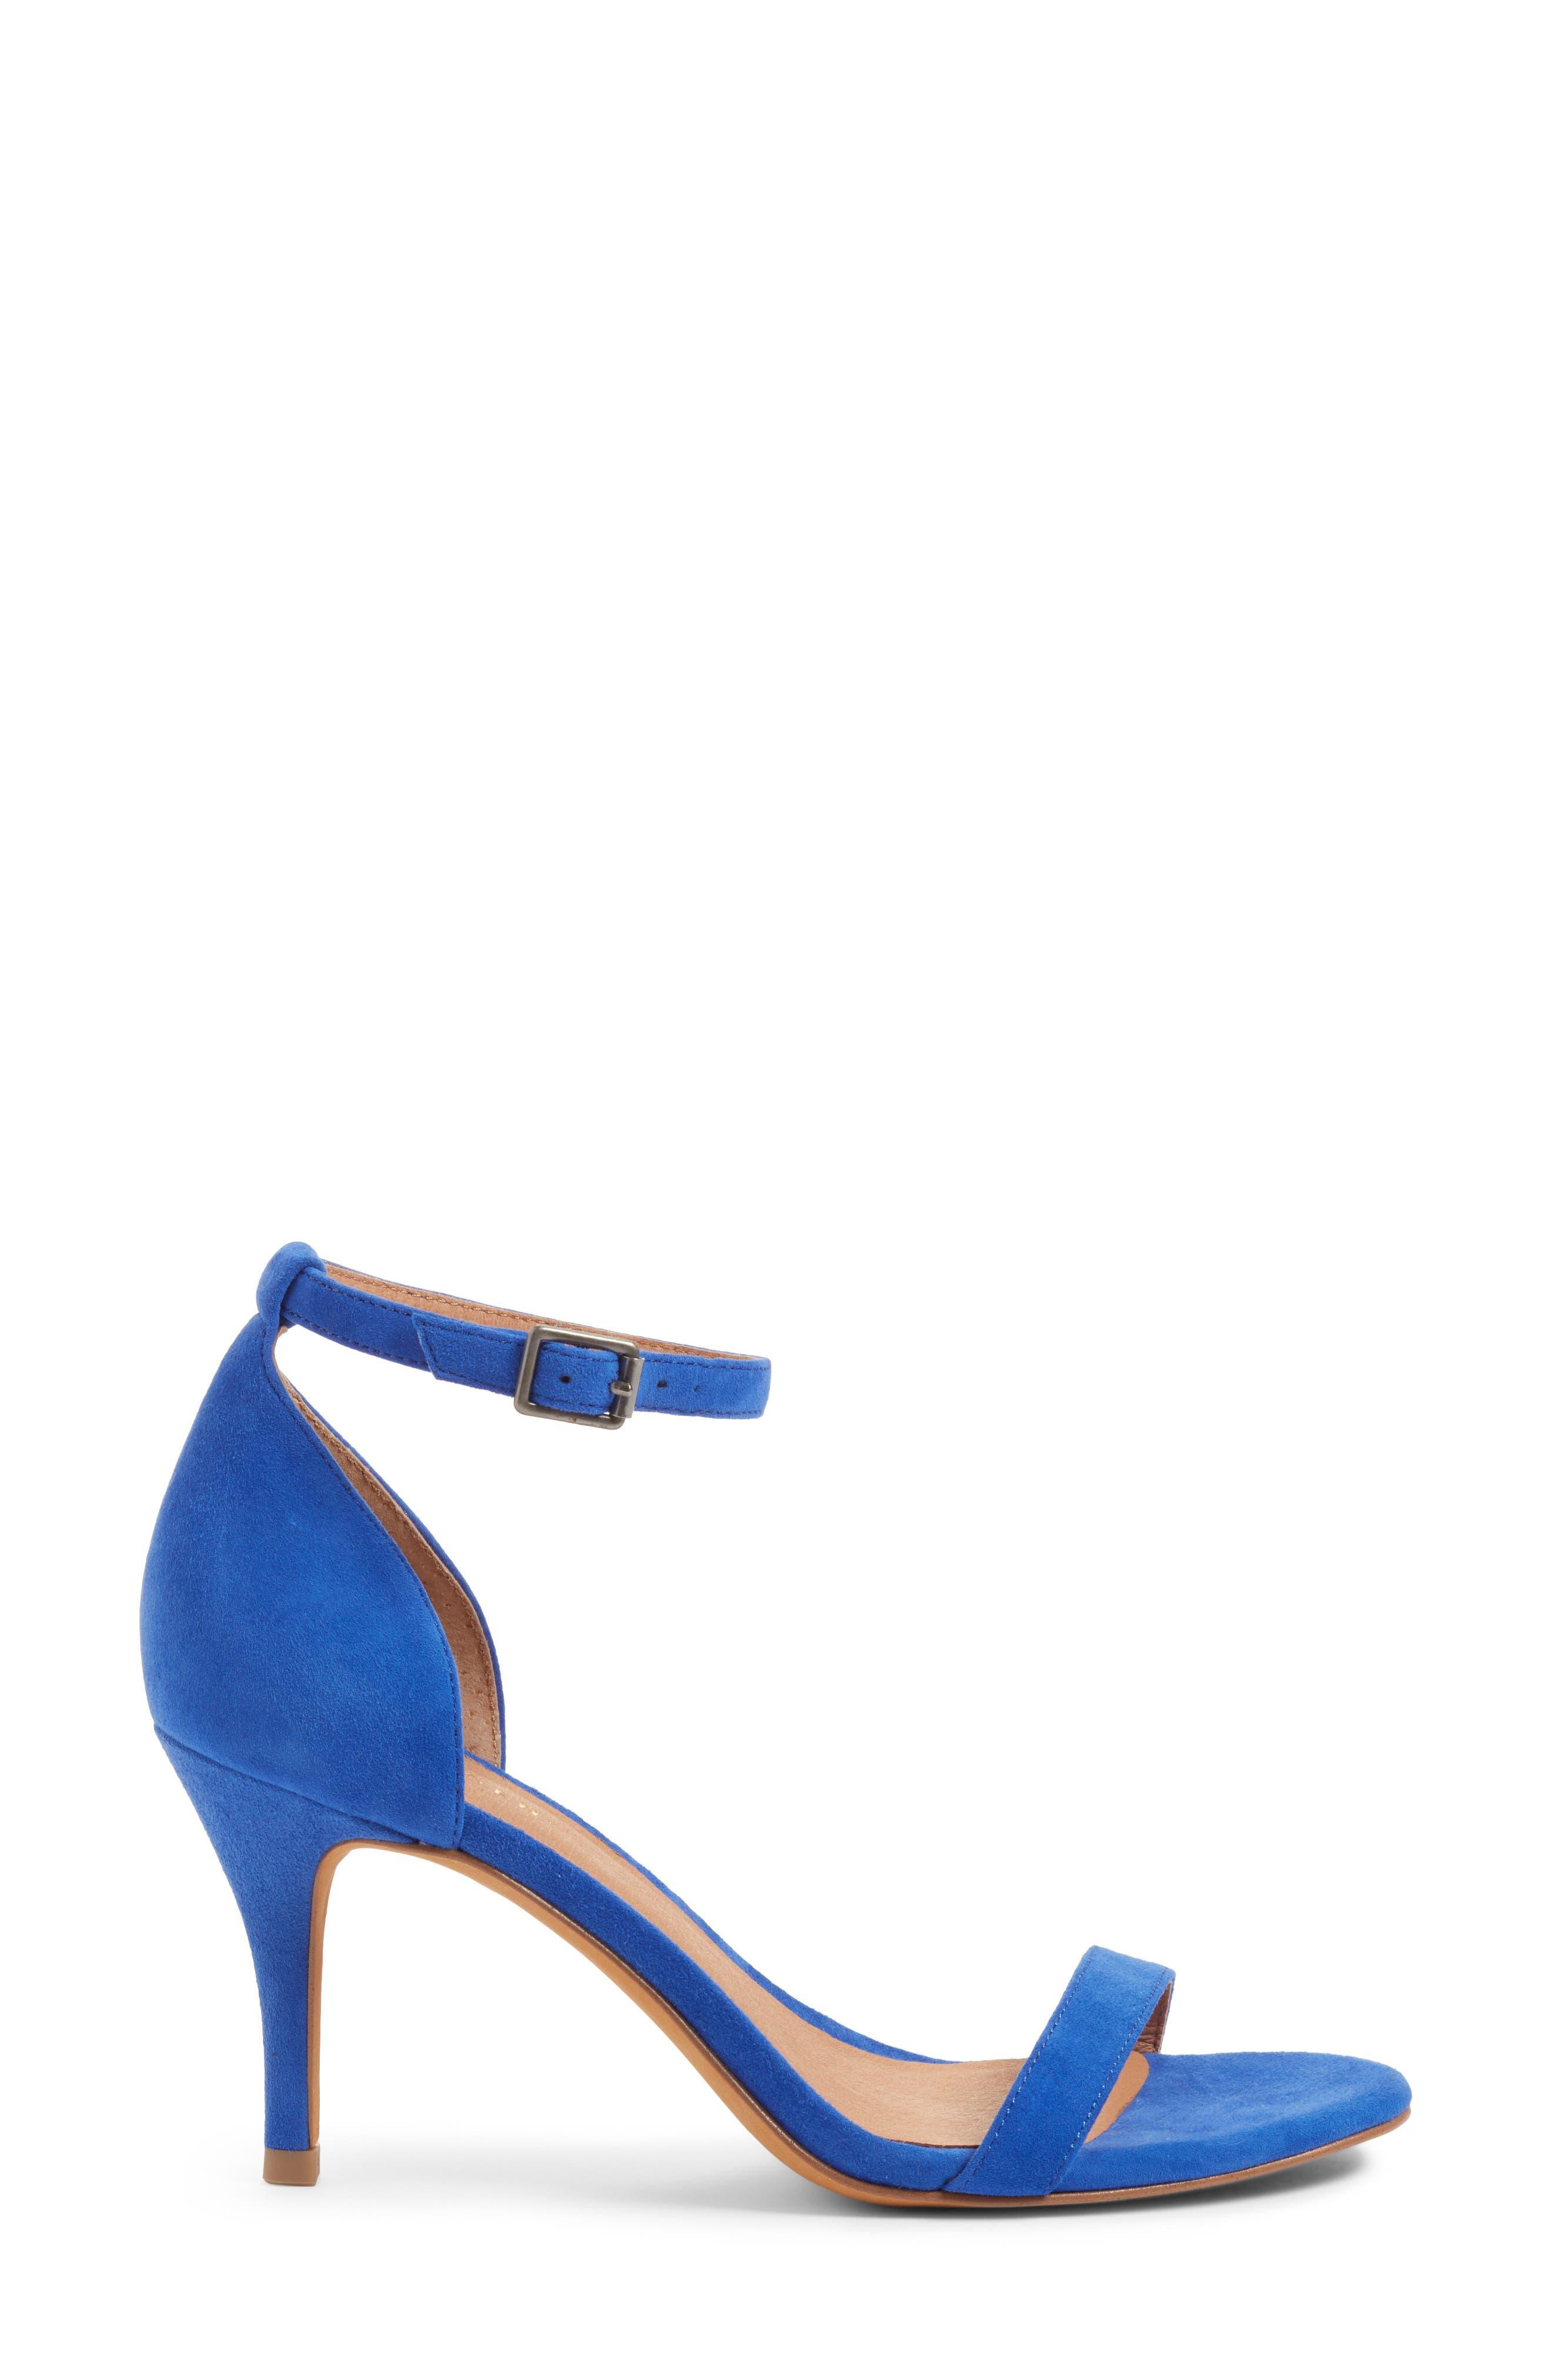 Audrey Ankle Strap Sandal,                             Alternate thumbnail 56, color,